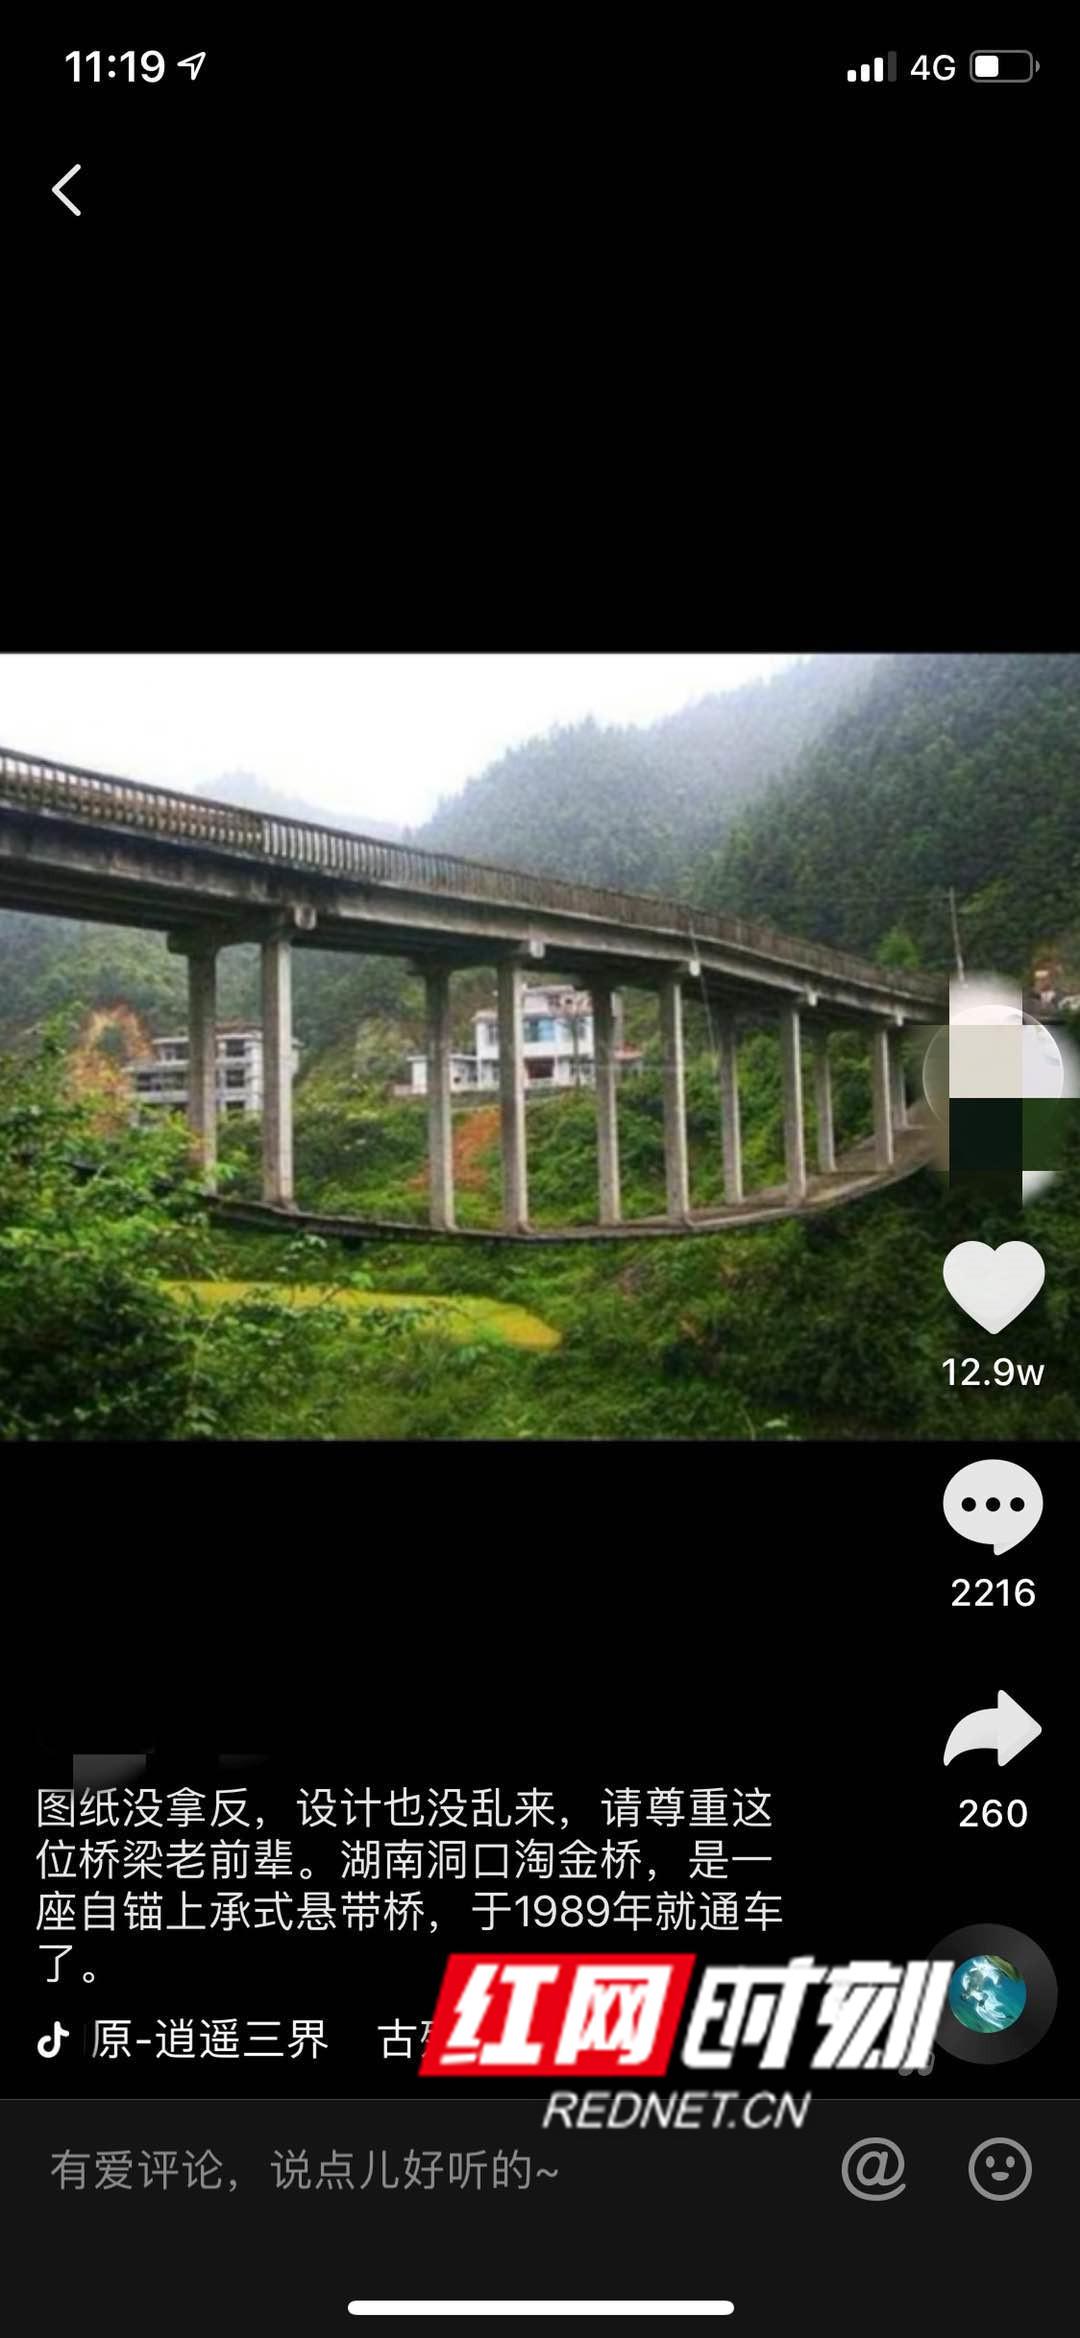 http://www.mfrv.net/wenhuayichan/37140.html